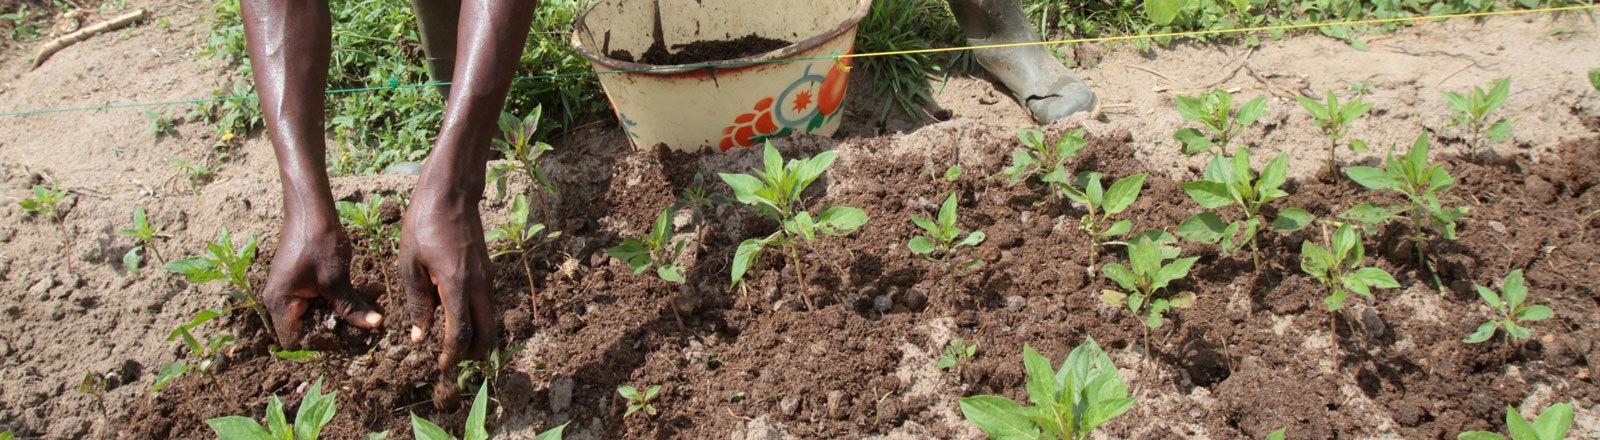 Bauer arbeitet auf dem Feld in Benin.